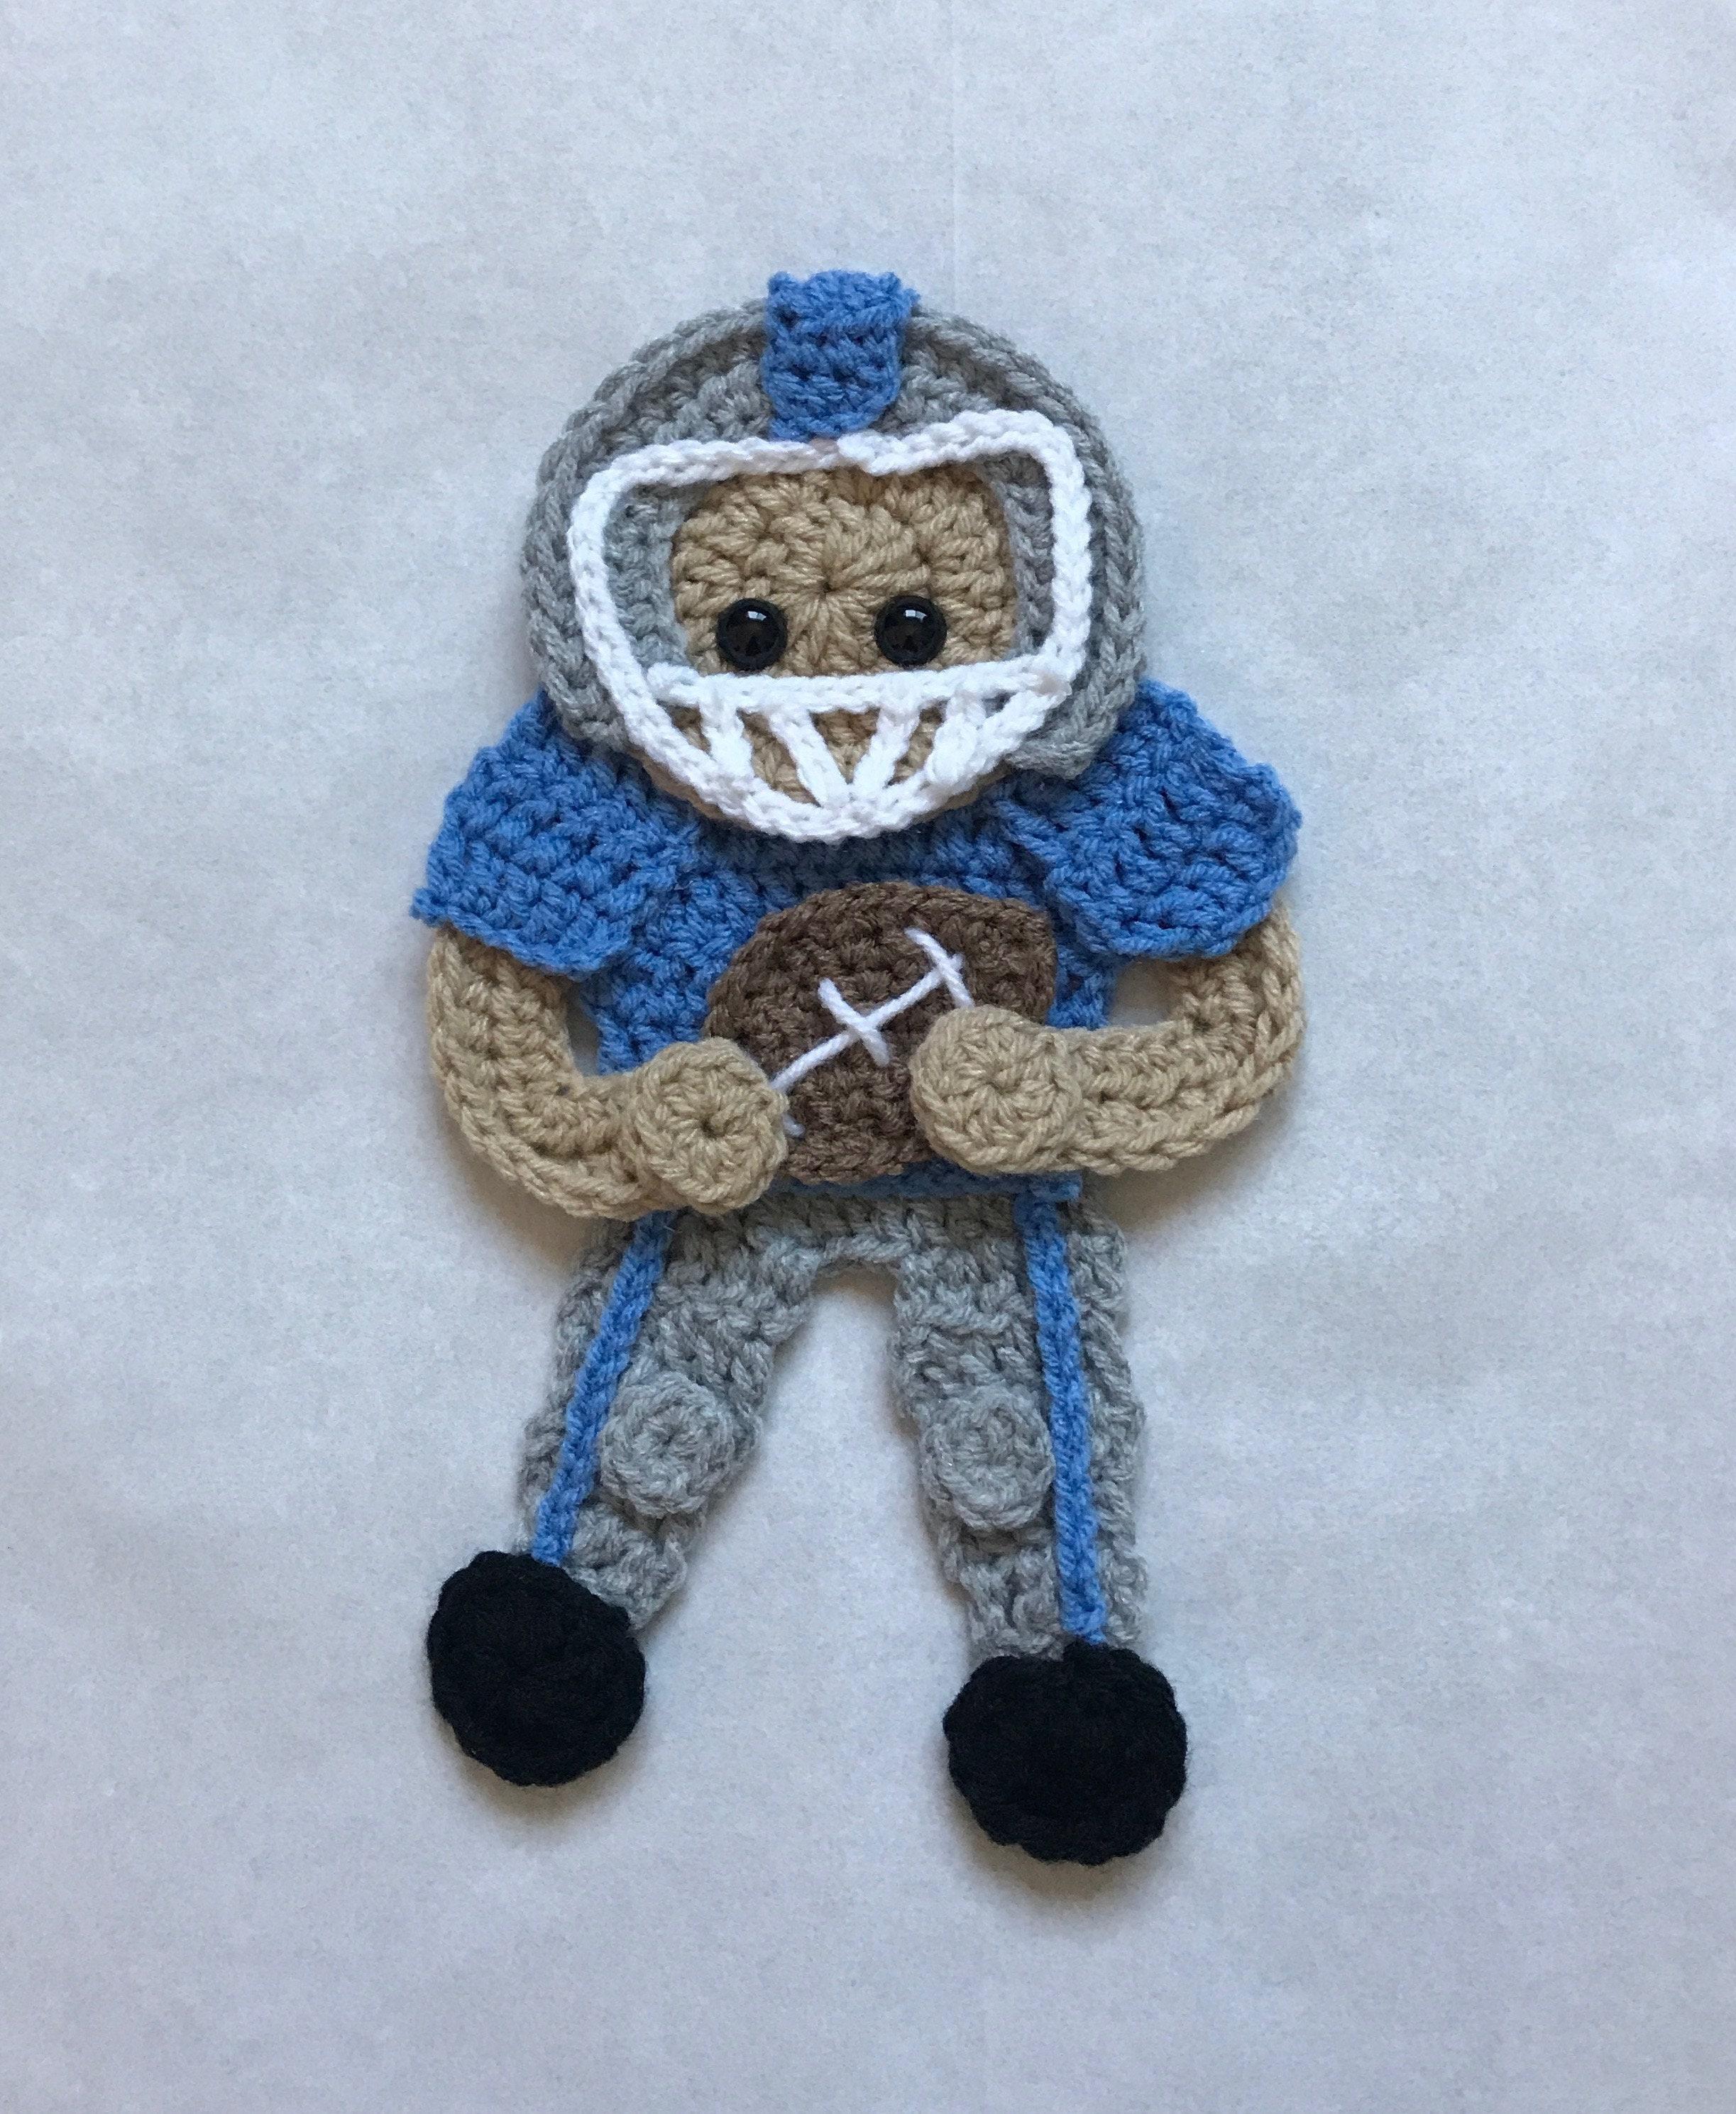 Crochet Pattern - INSTANT PDF DOWNLOAD - Crochet - Patterns - Sports ...